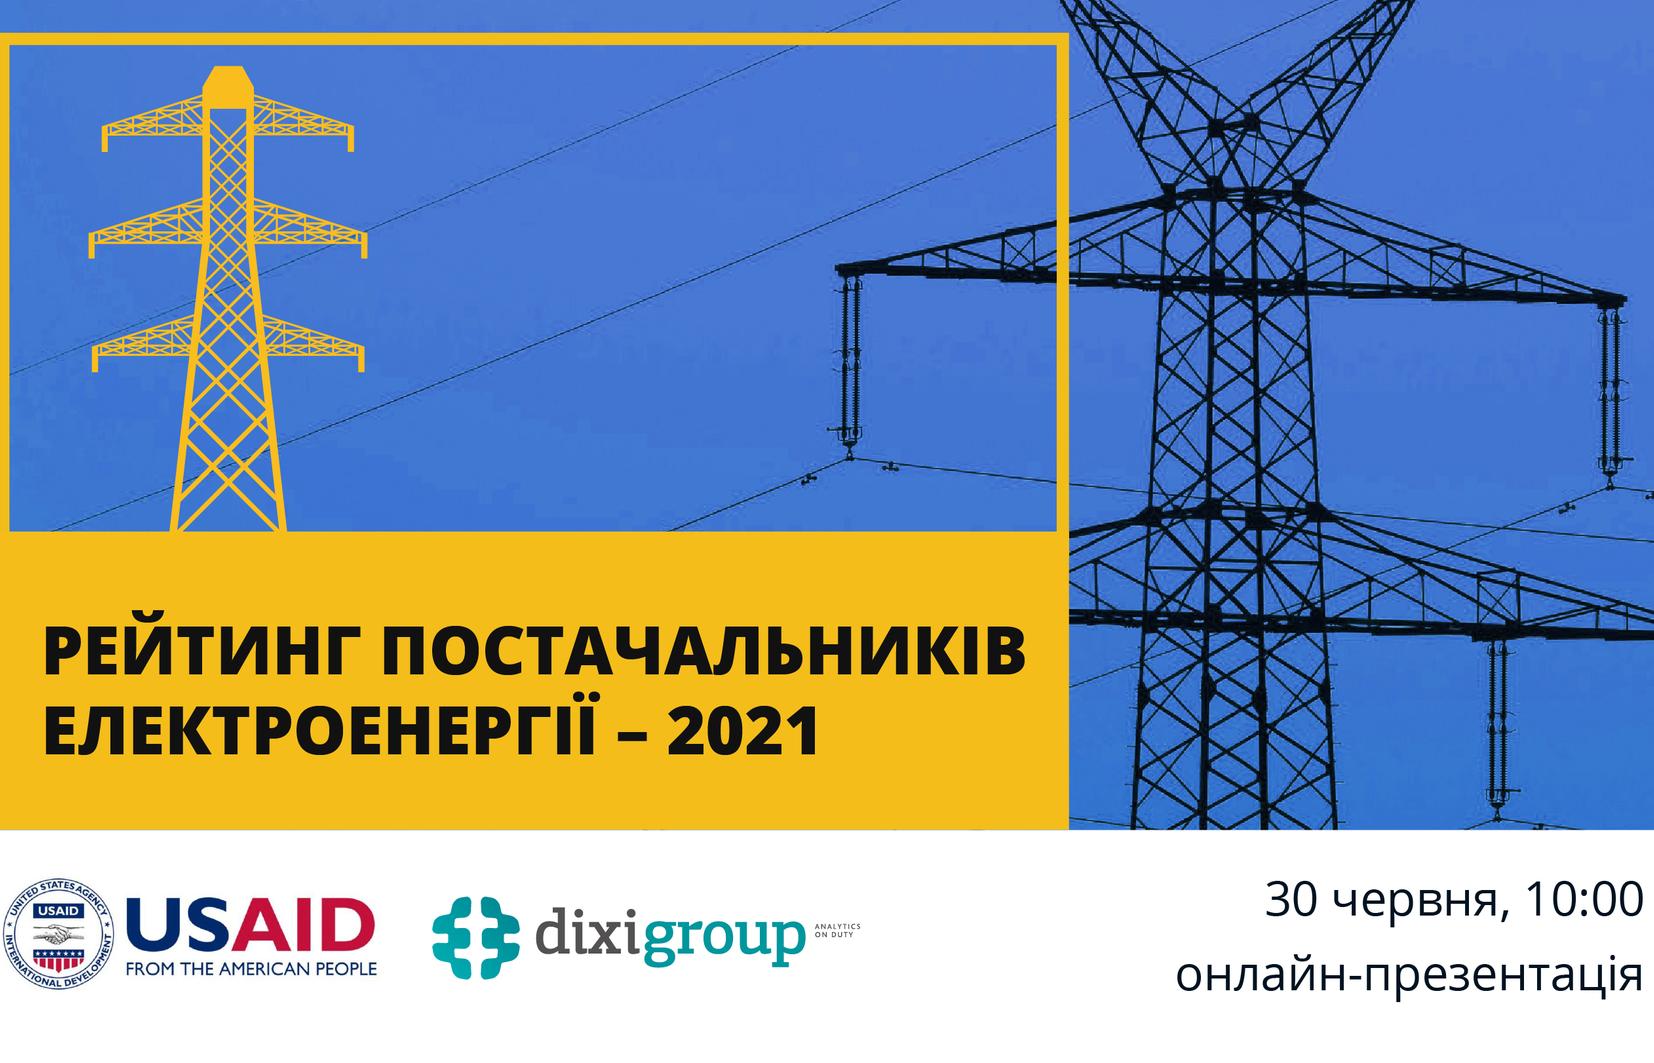 Презентація «Рейтингу постачальників електроенергії» 2021 (Випуск 1)